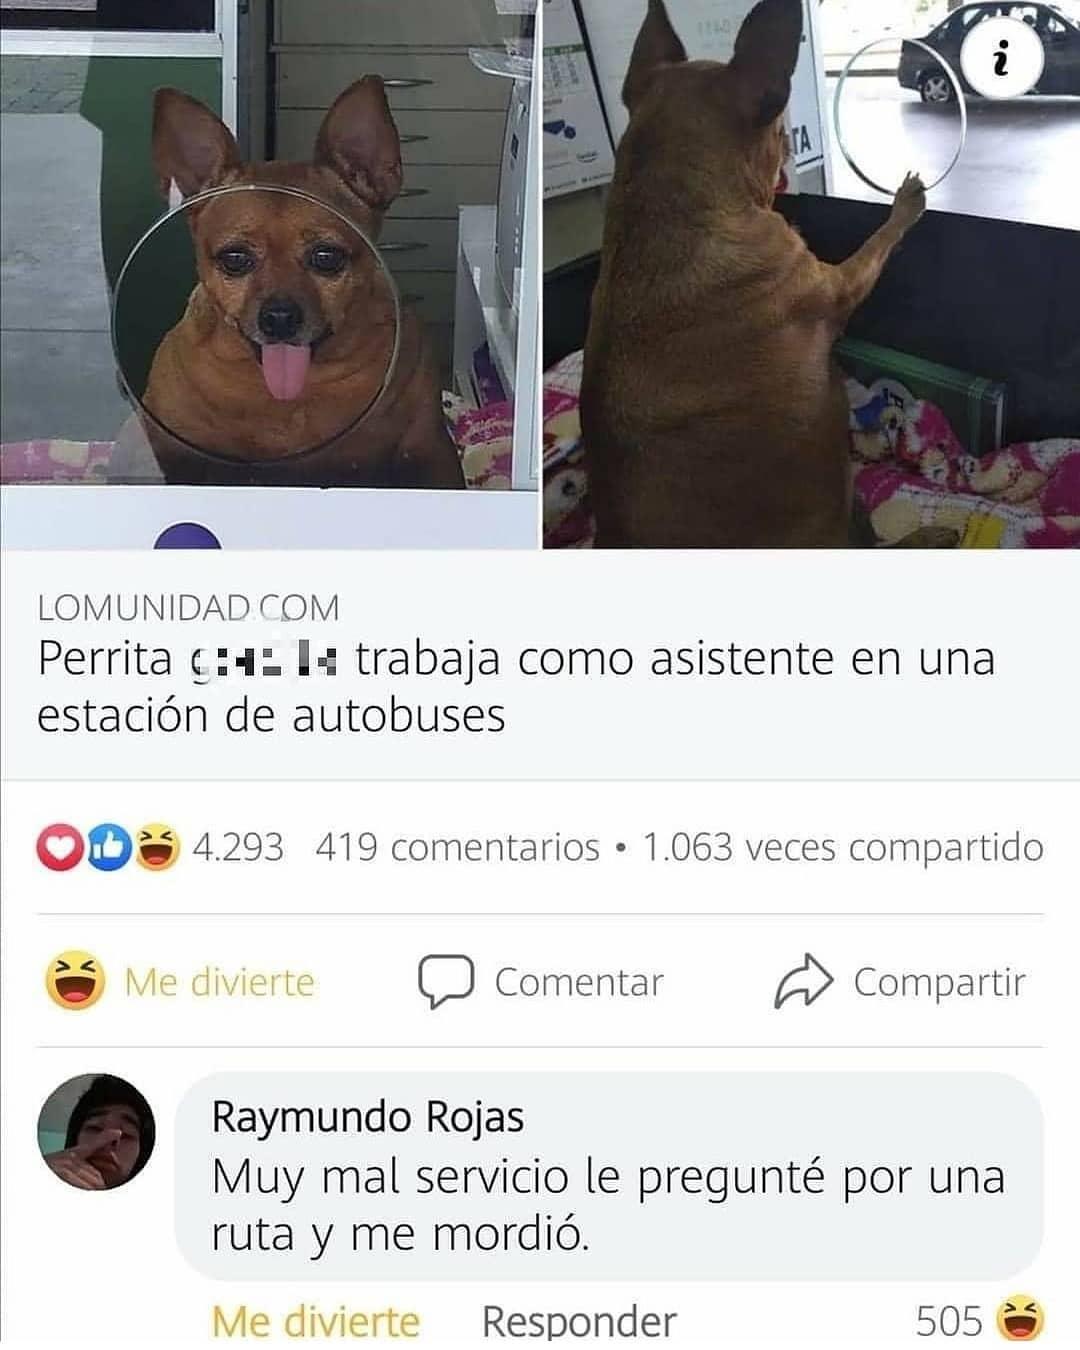 Perrita trabaja como asistente en una estación de autobuses.  Raymundo Rojas: Muy mal servicio le pregunté por una ruta y me mordió.